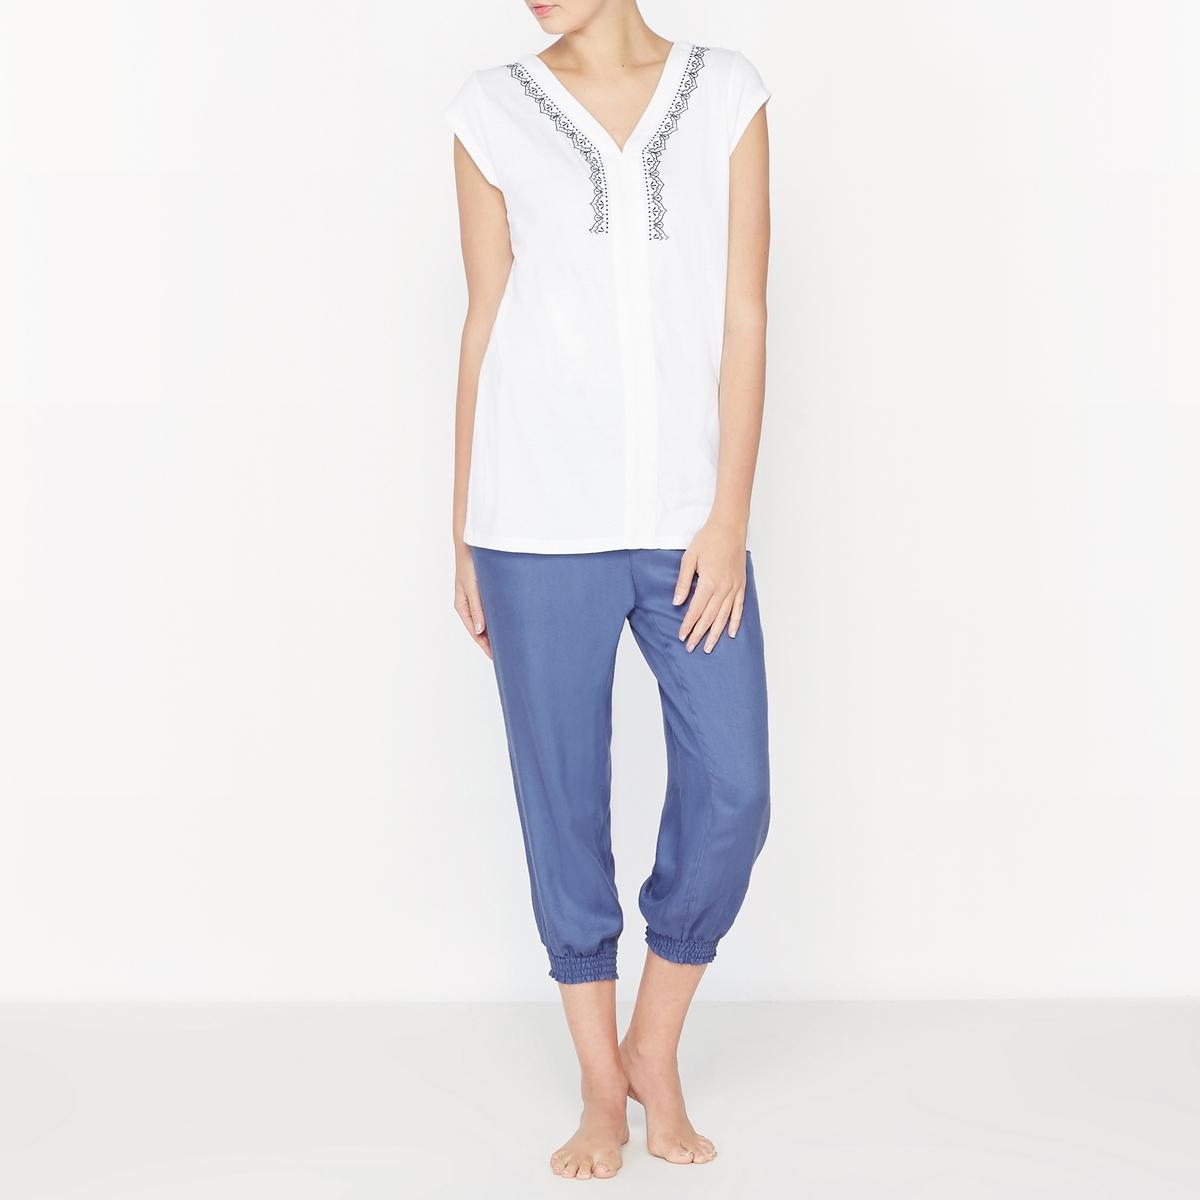 Пижама с брюками-шароварами, с вышивкой